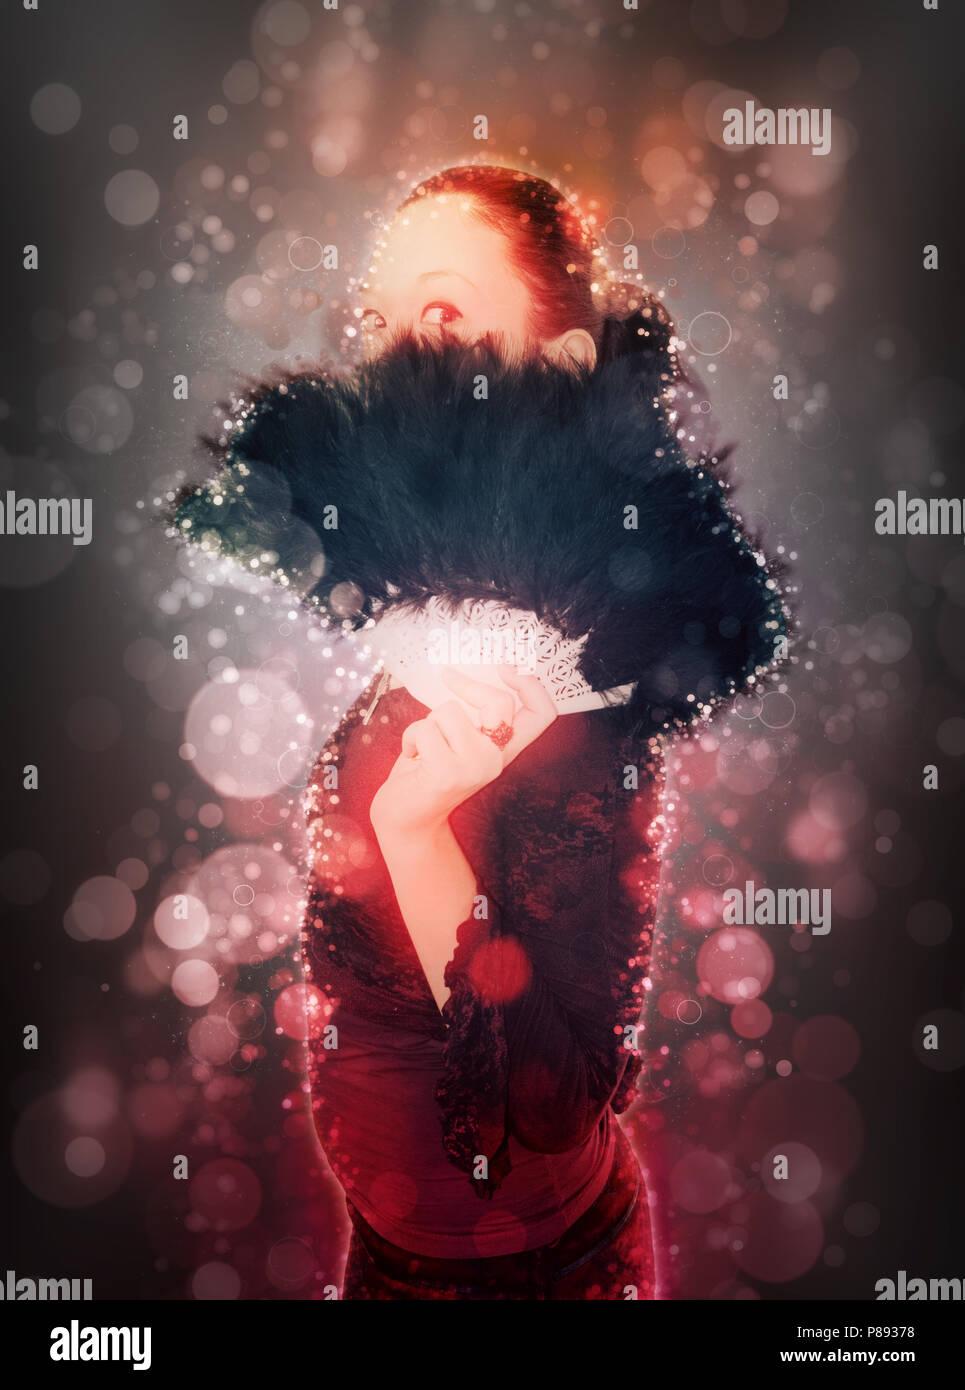 Migliorate digitalmente immagine di un giovane adolescente gotico di nascondersi dietro un nero feathered ventola - Modello di Rilascio disponibili Immagini Stock